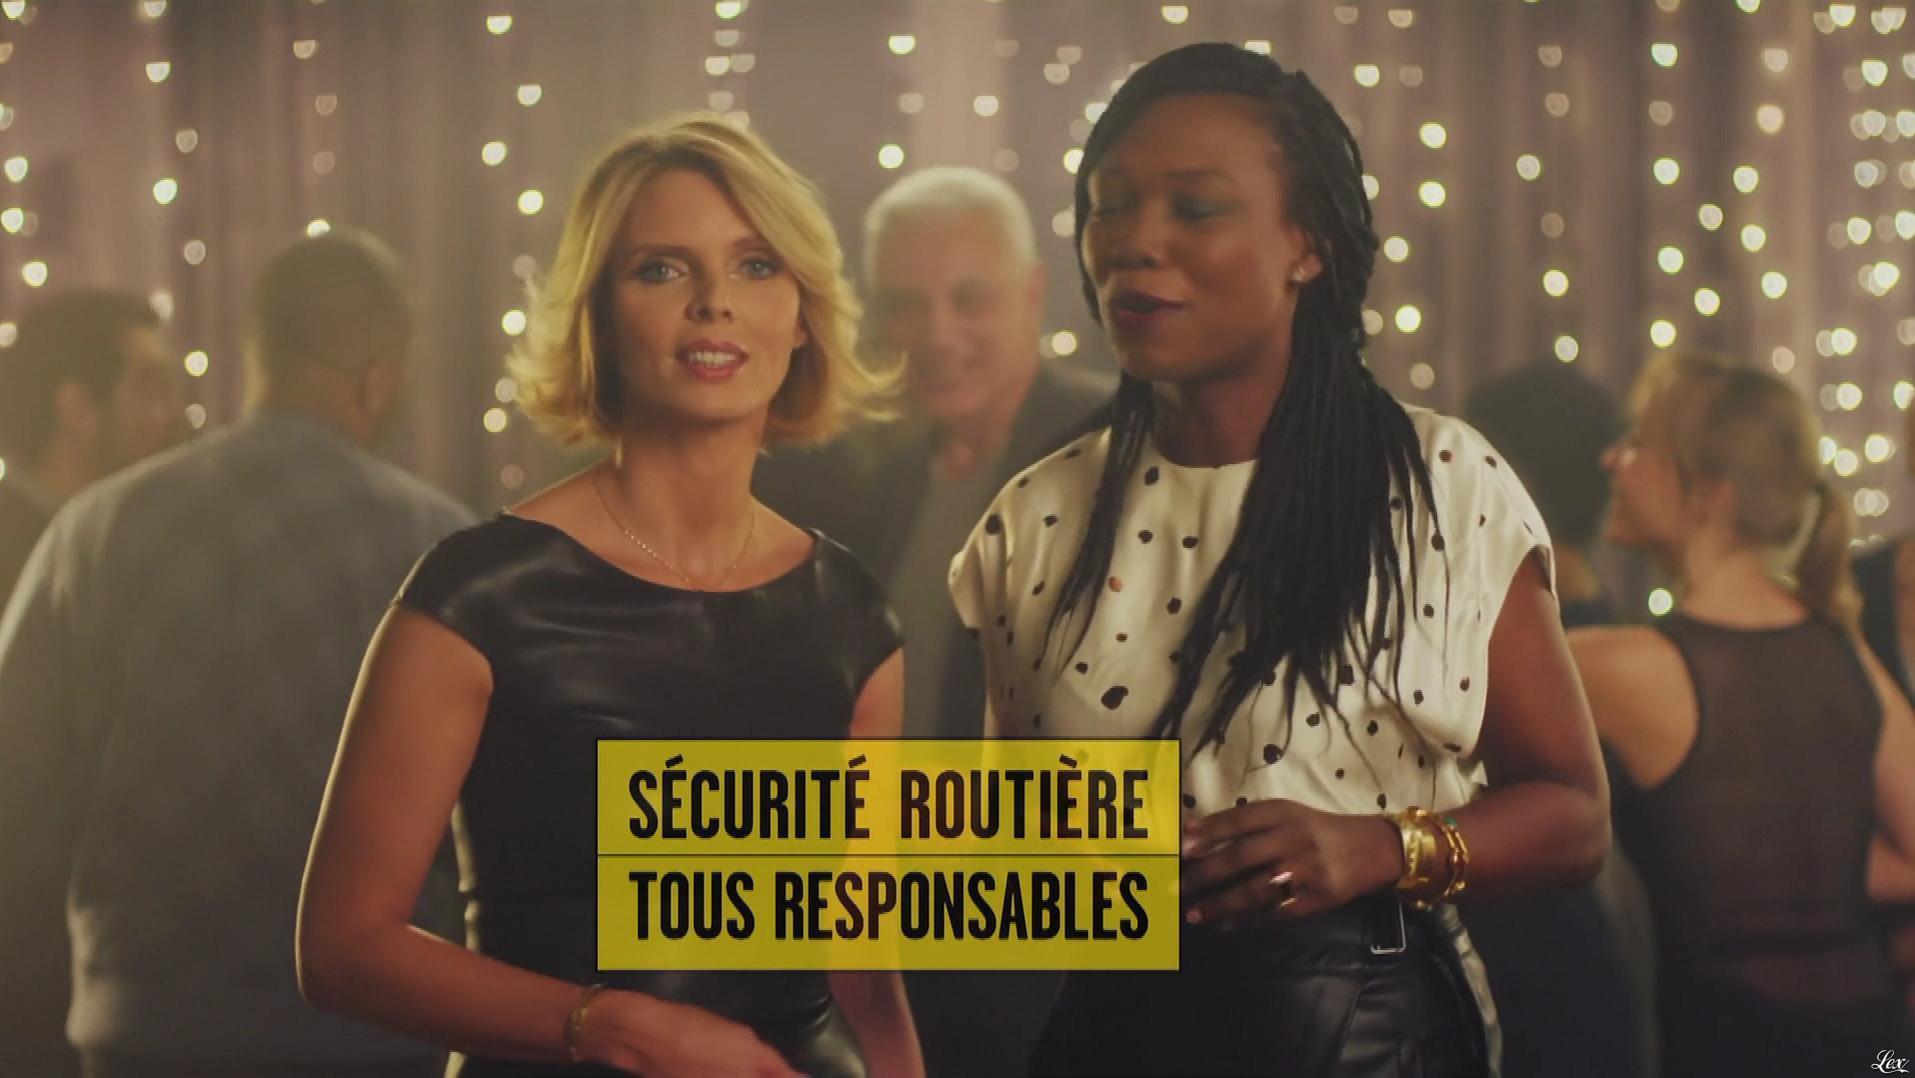 Sylvie Tellier et Kareen Guiock dans un Spot pour la Sécurité Routière. Diffusé à la télévision le 23/12/18.